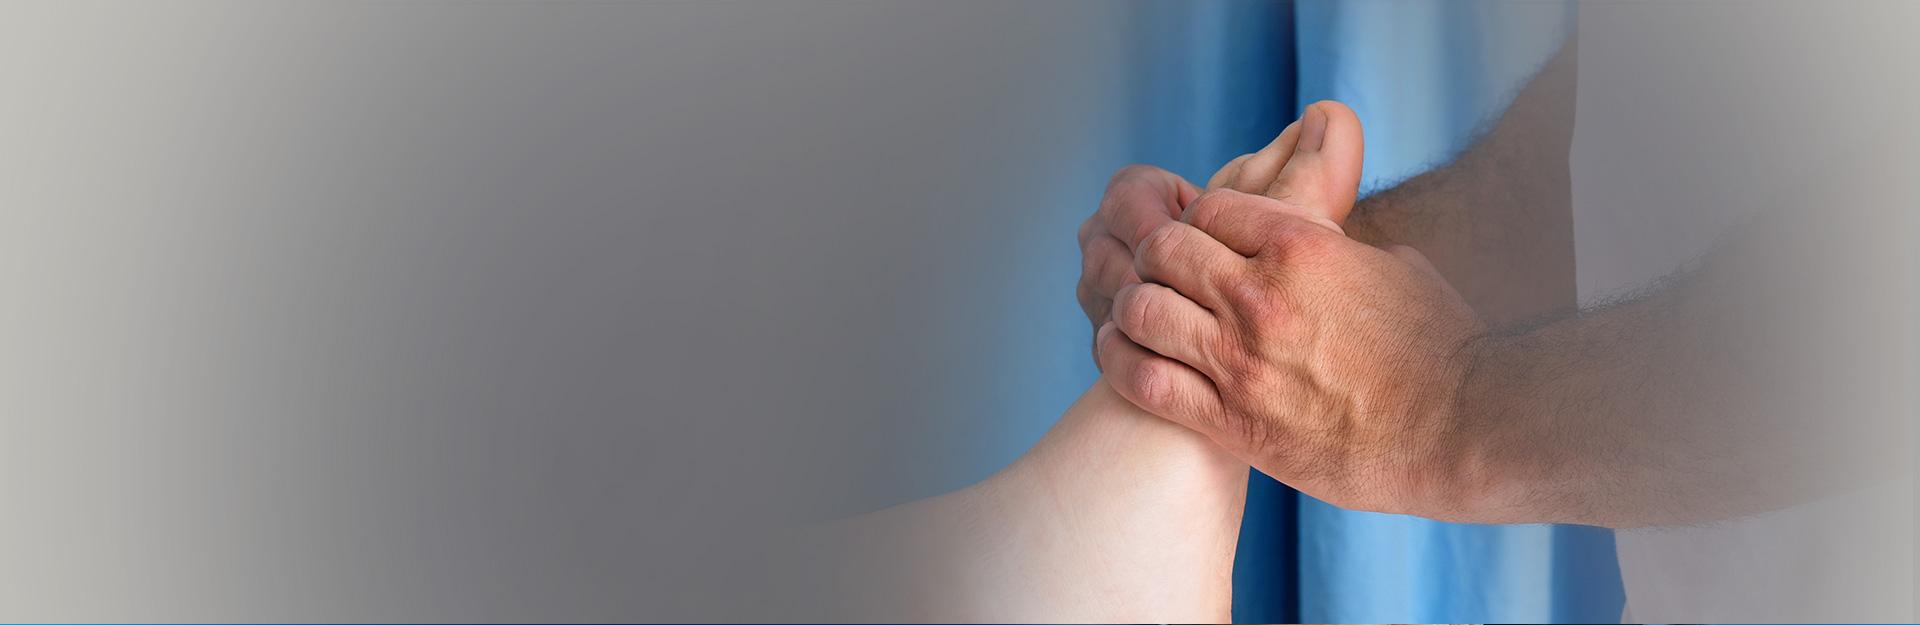 בדיקת צורך במדרסים - יואב רון פיזיותרפיה